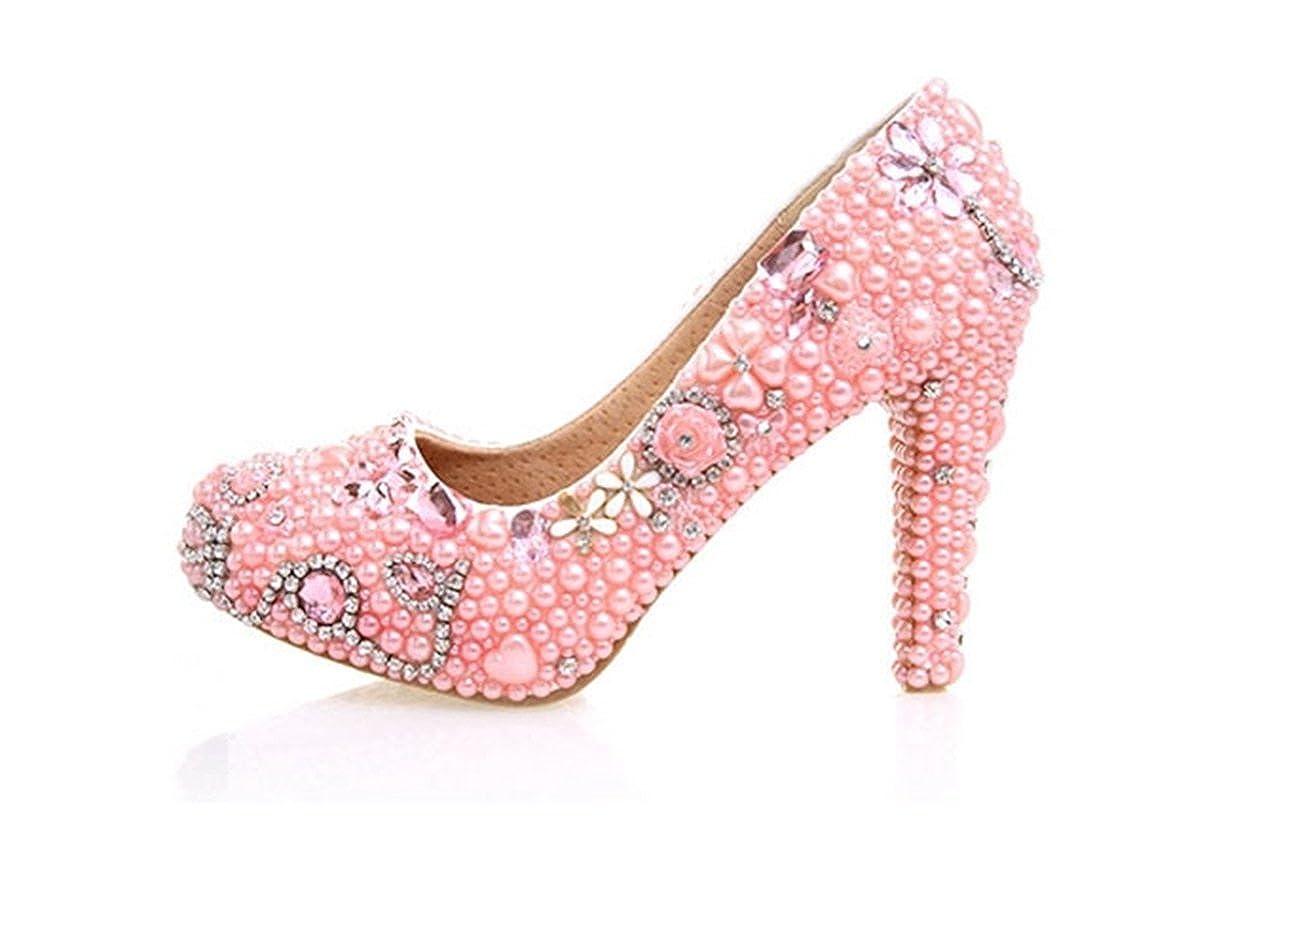 超可爱 [Minishion] レディース Heel B075568JB2 Pink-10cm Heel [Minishion] 5 レディース B(M) US, JPLAMP:8790893c --- a0267596.xsph.ru